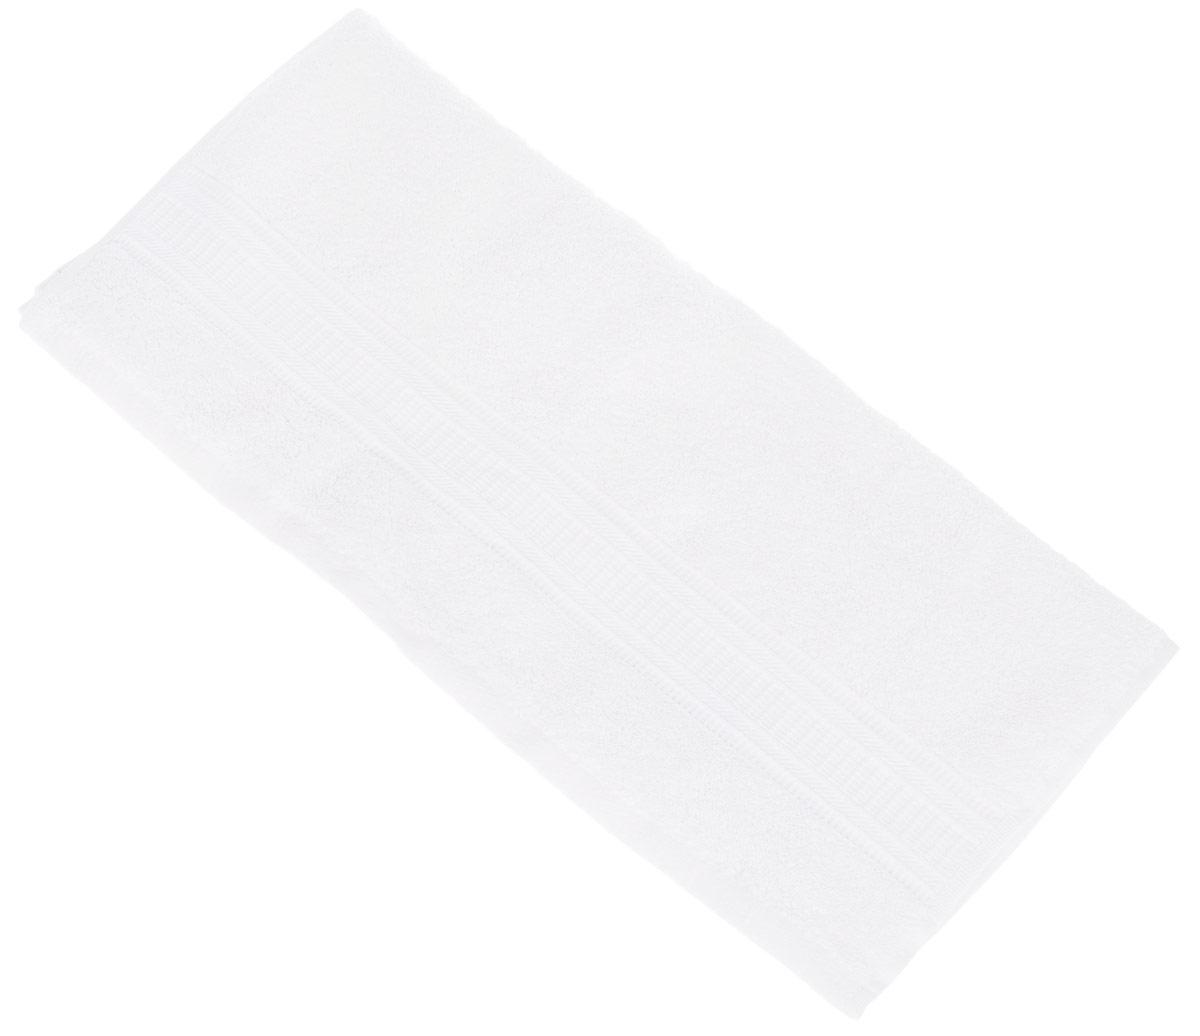 Полотенце TAC Mixandsleep, цвет: белый, 50 х 90 см68/5/1Махровое полотенце TAC Mixandsleep выполнено из приятного на ощупь натурального хлопка кремового цвета и декорировано изящным орнаментом. Полотенце прекрасно впитывает влагу и легко стирается.Полотенце TAC Mixandsleep создаст атмосферу уюта и комфорта в вашем доме.Хлопок - это волшебный цветок, хранящий в своем сердце тепло и нежность. Человек начал использовать волокна этих растений еще в глубокой древности. Этот натуральный материал обладает такими свойствами как гигроскопичность и гипоаллергенность.